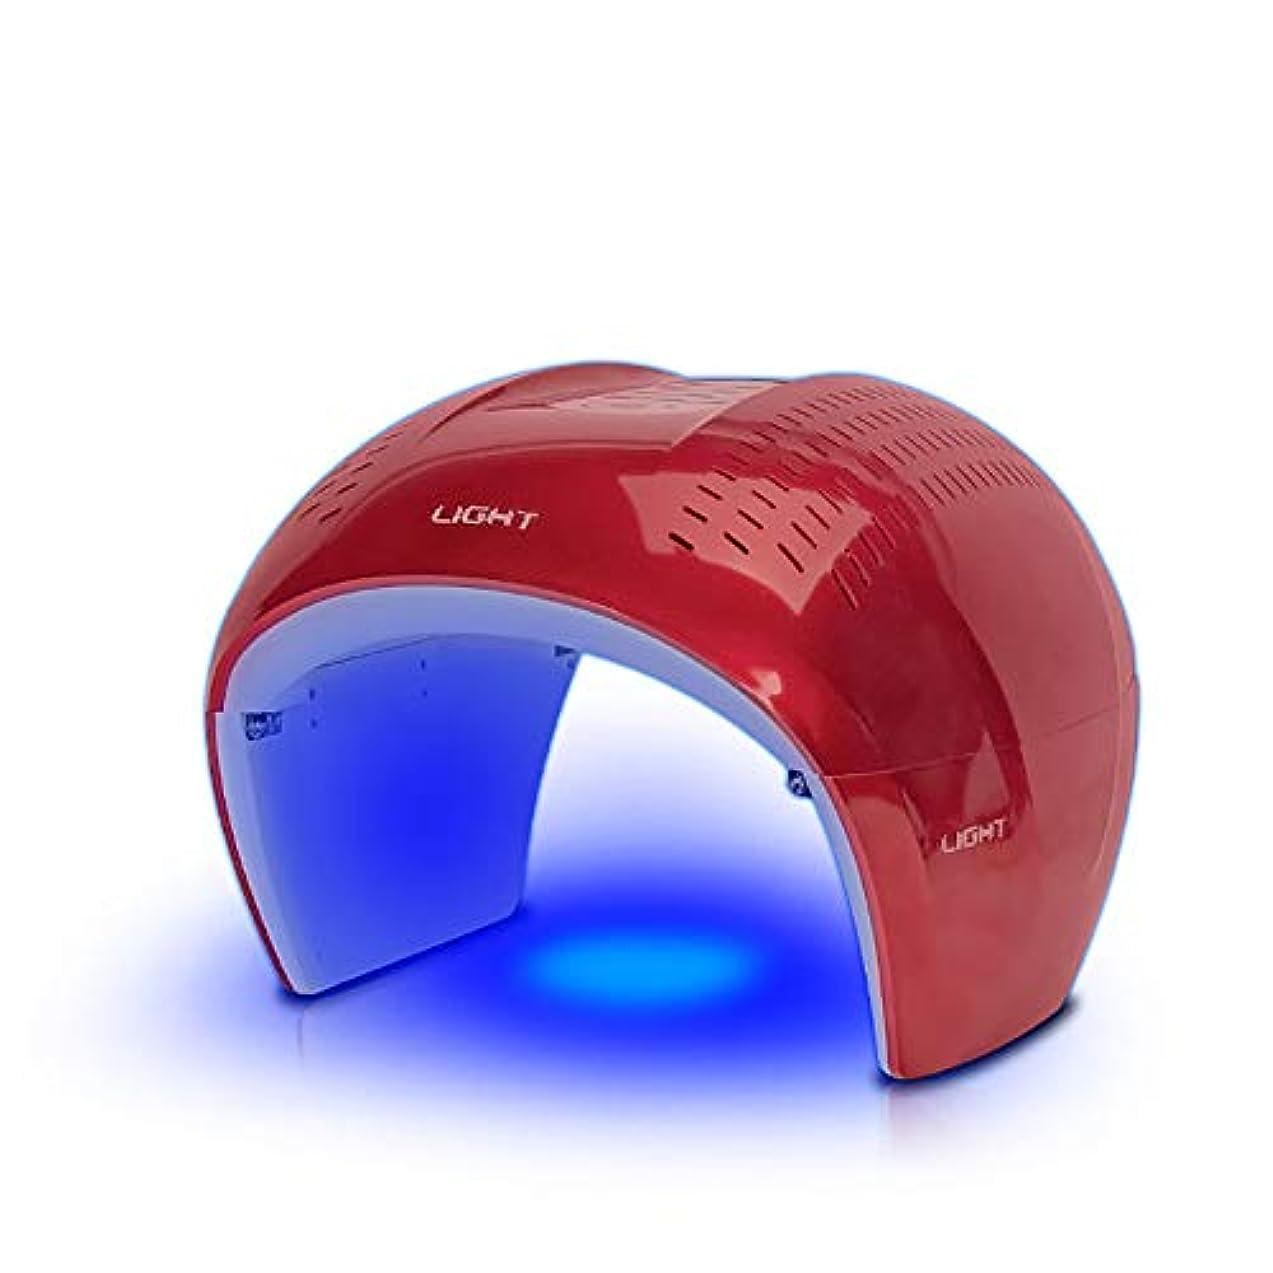 予報寄生虫間7色光療法機led、光光線力学肌の若返りランプ、サロンスパアンチエイジングスキンケアデバイス、フェイシャルマスクマッサージ機